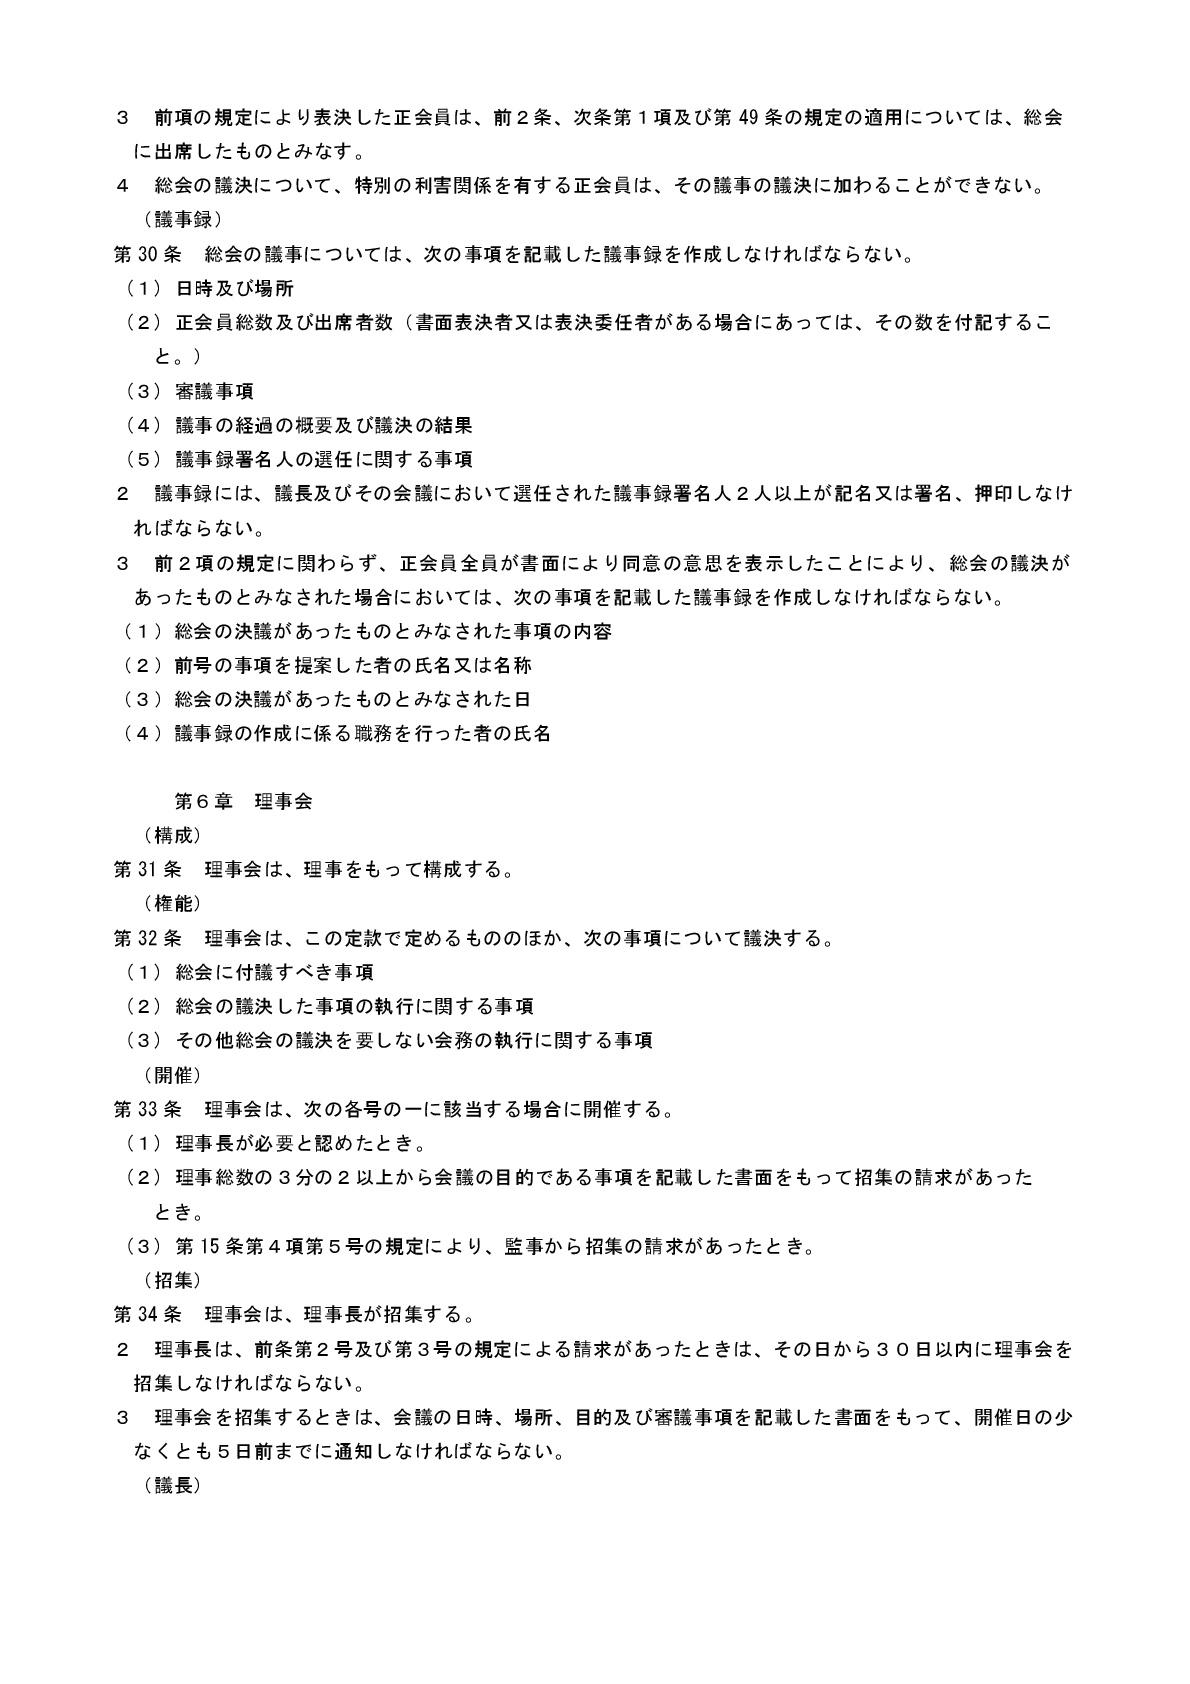 定款ページ5